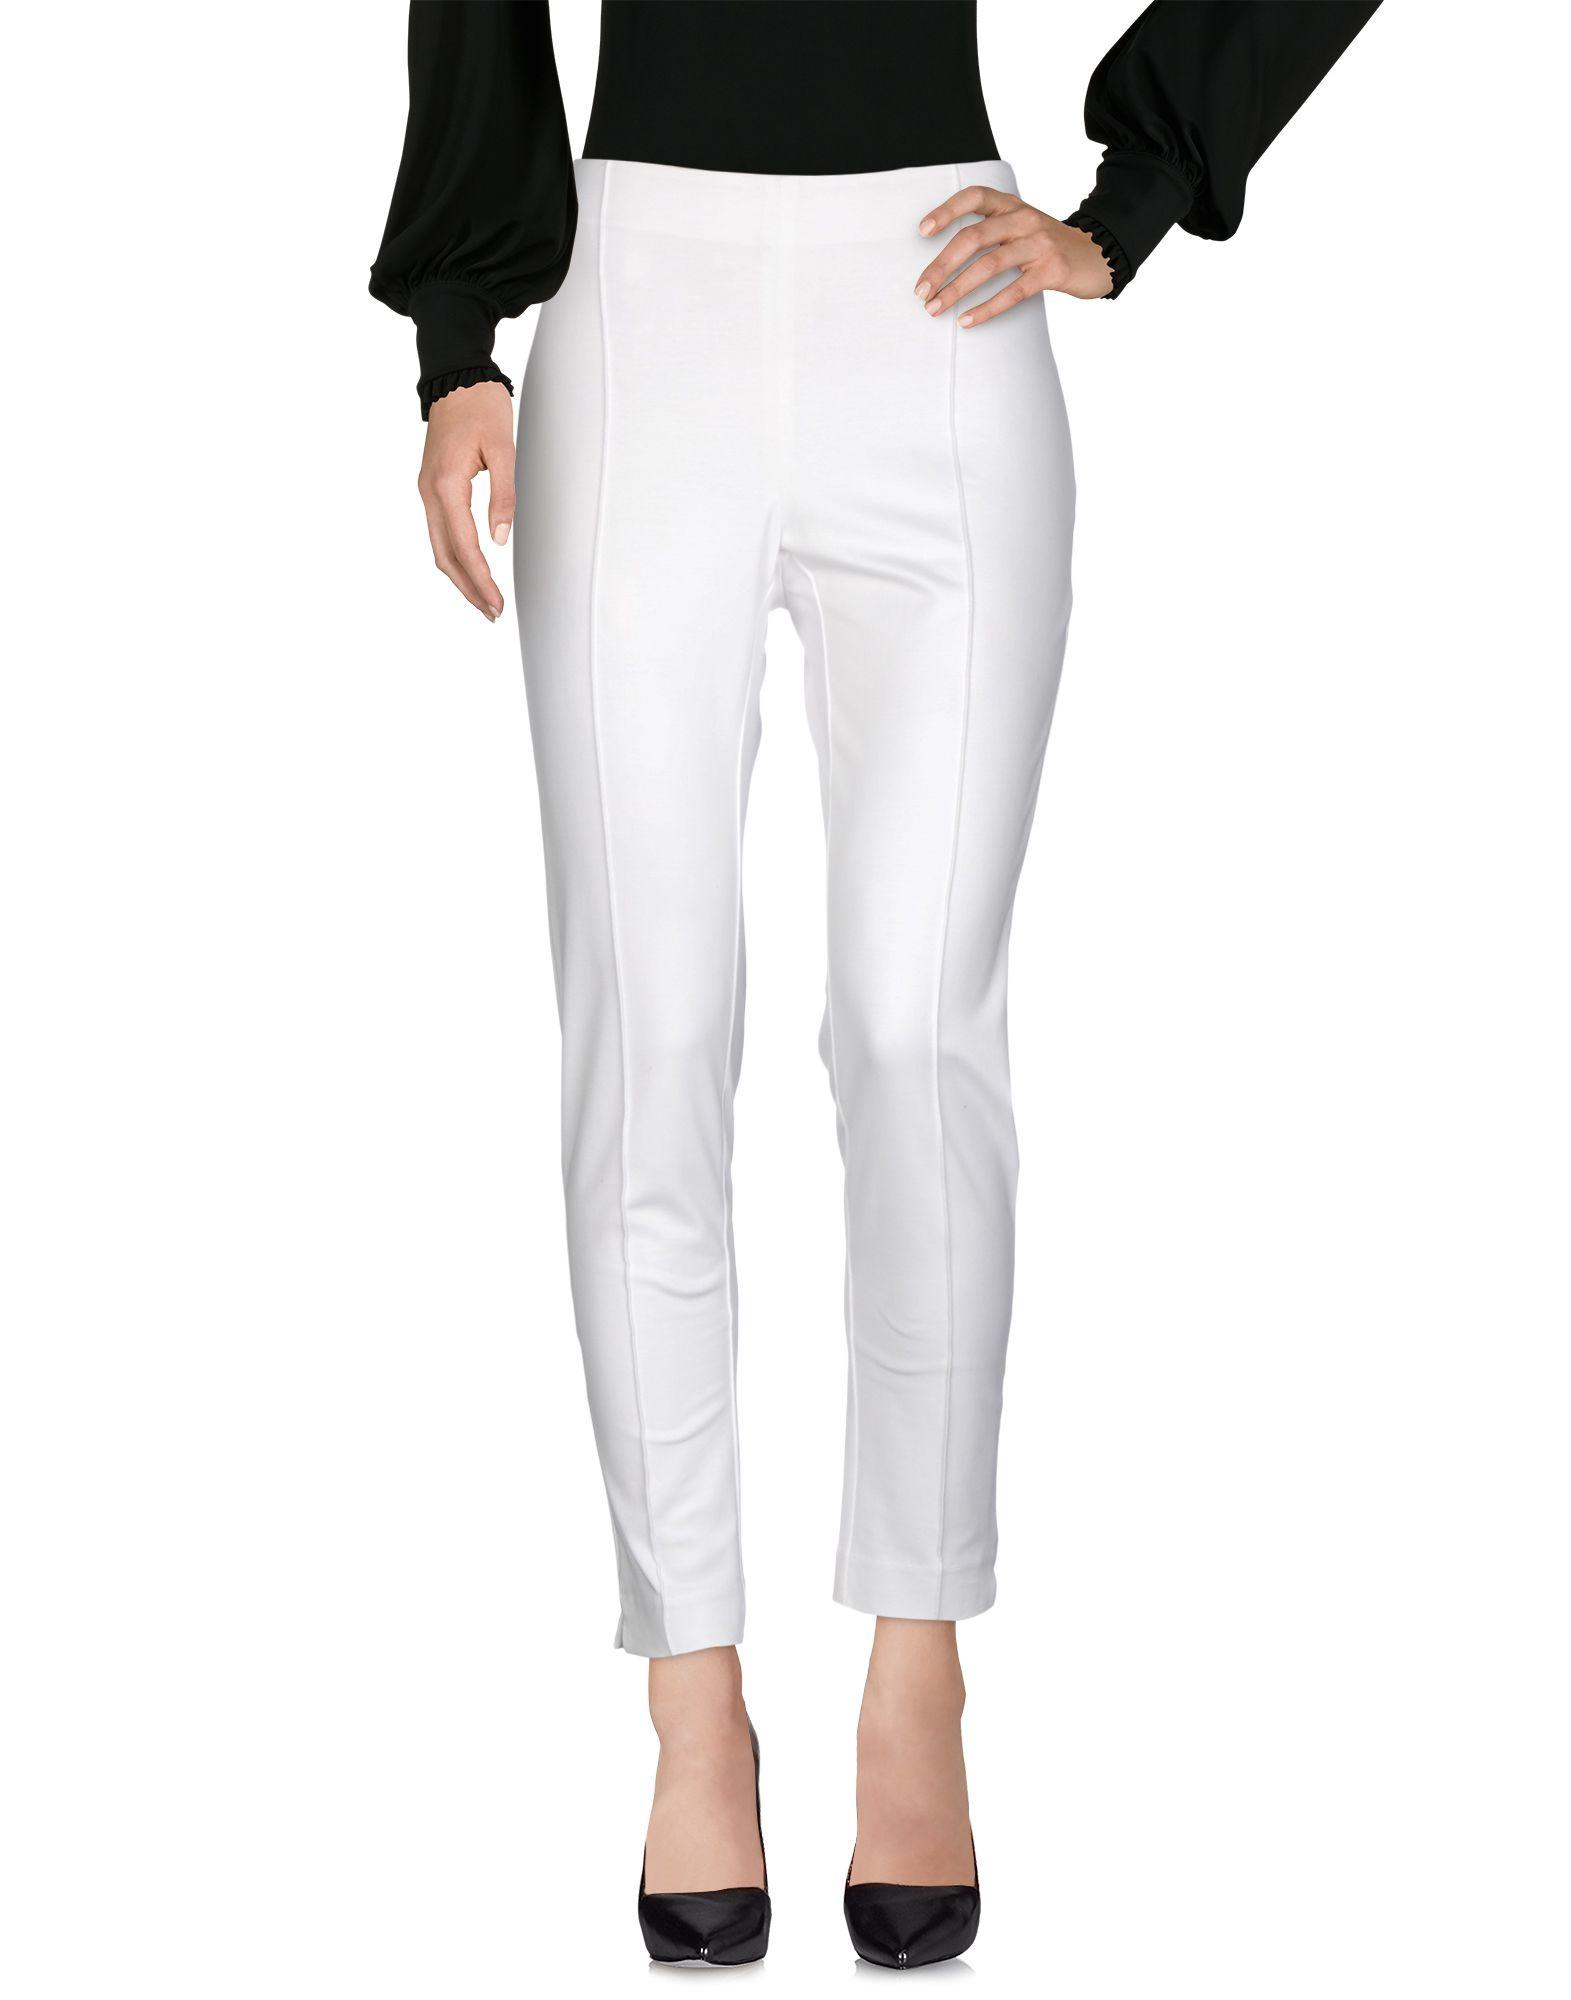 Pantalone Le Tricot Perugia Donna - Acquista online su 4ojlOgNqb